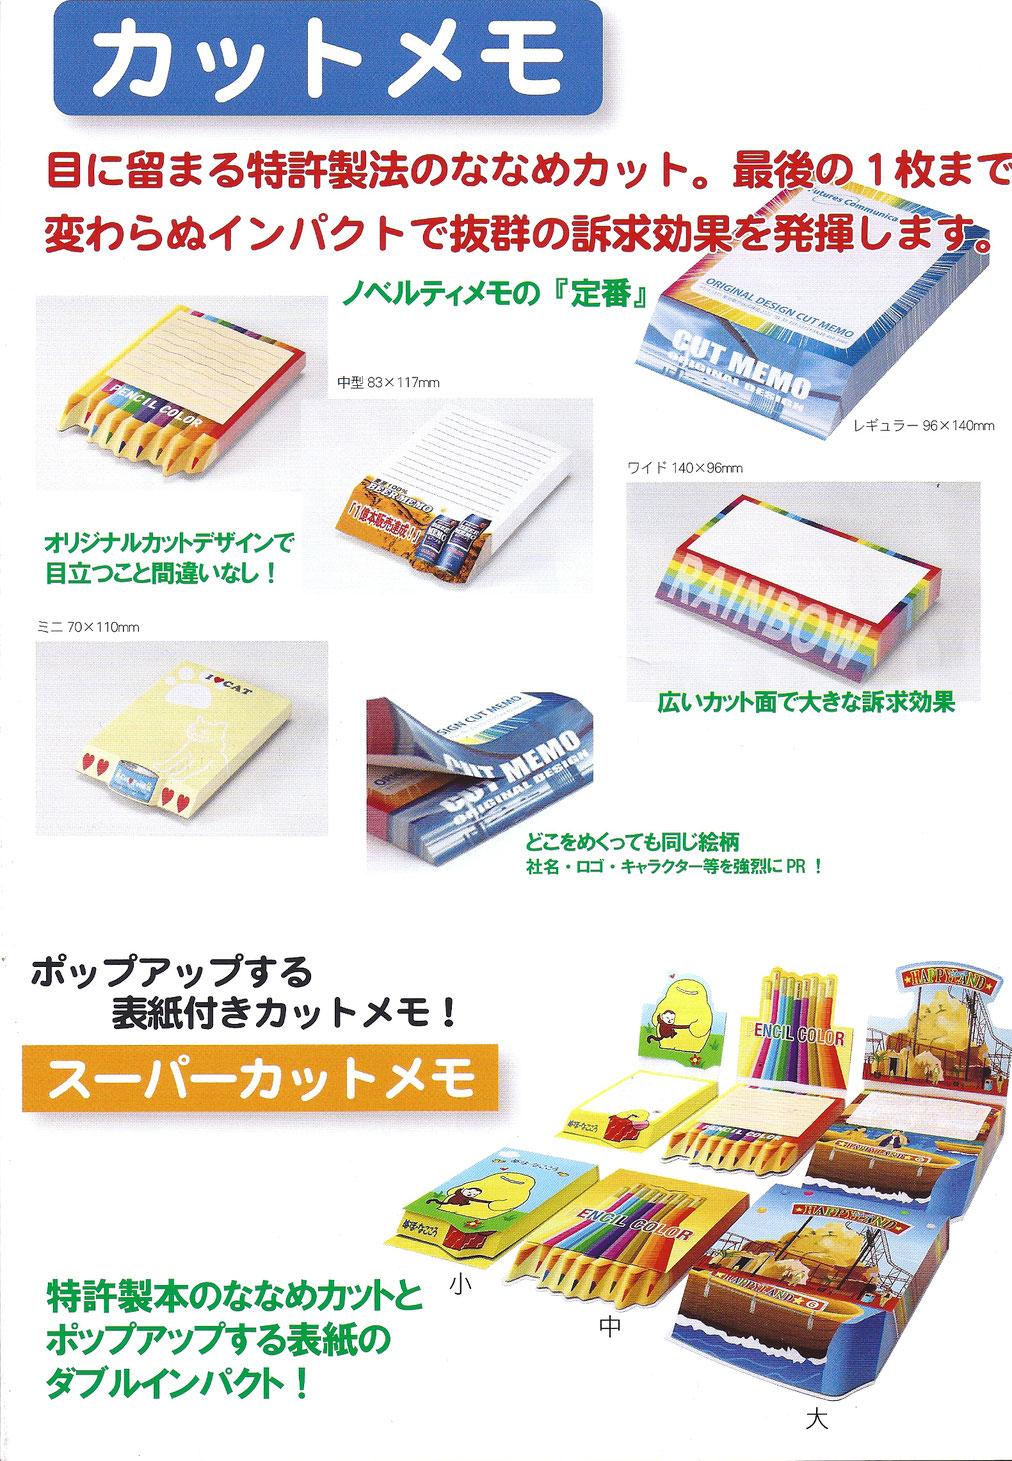 オリジナルメモ帳 カットメモ 桔梗屋洋紙 株